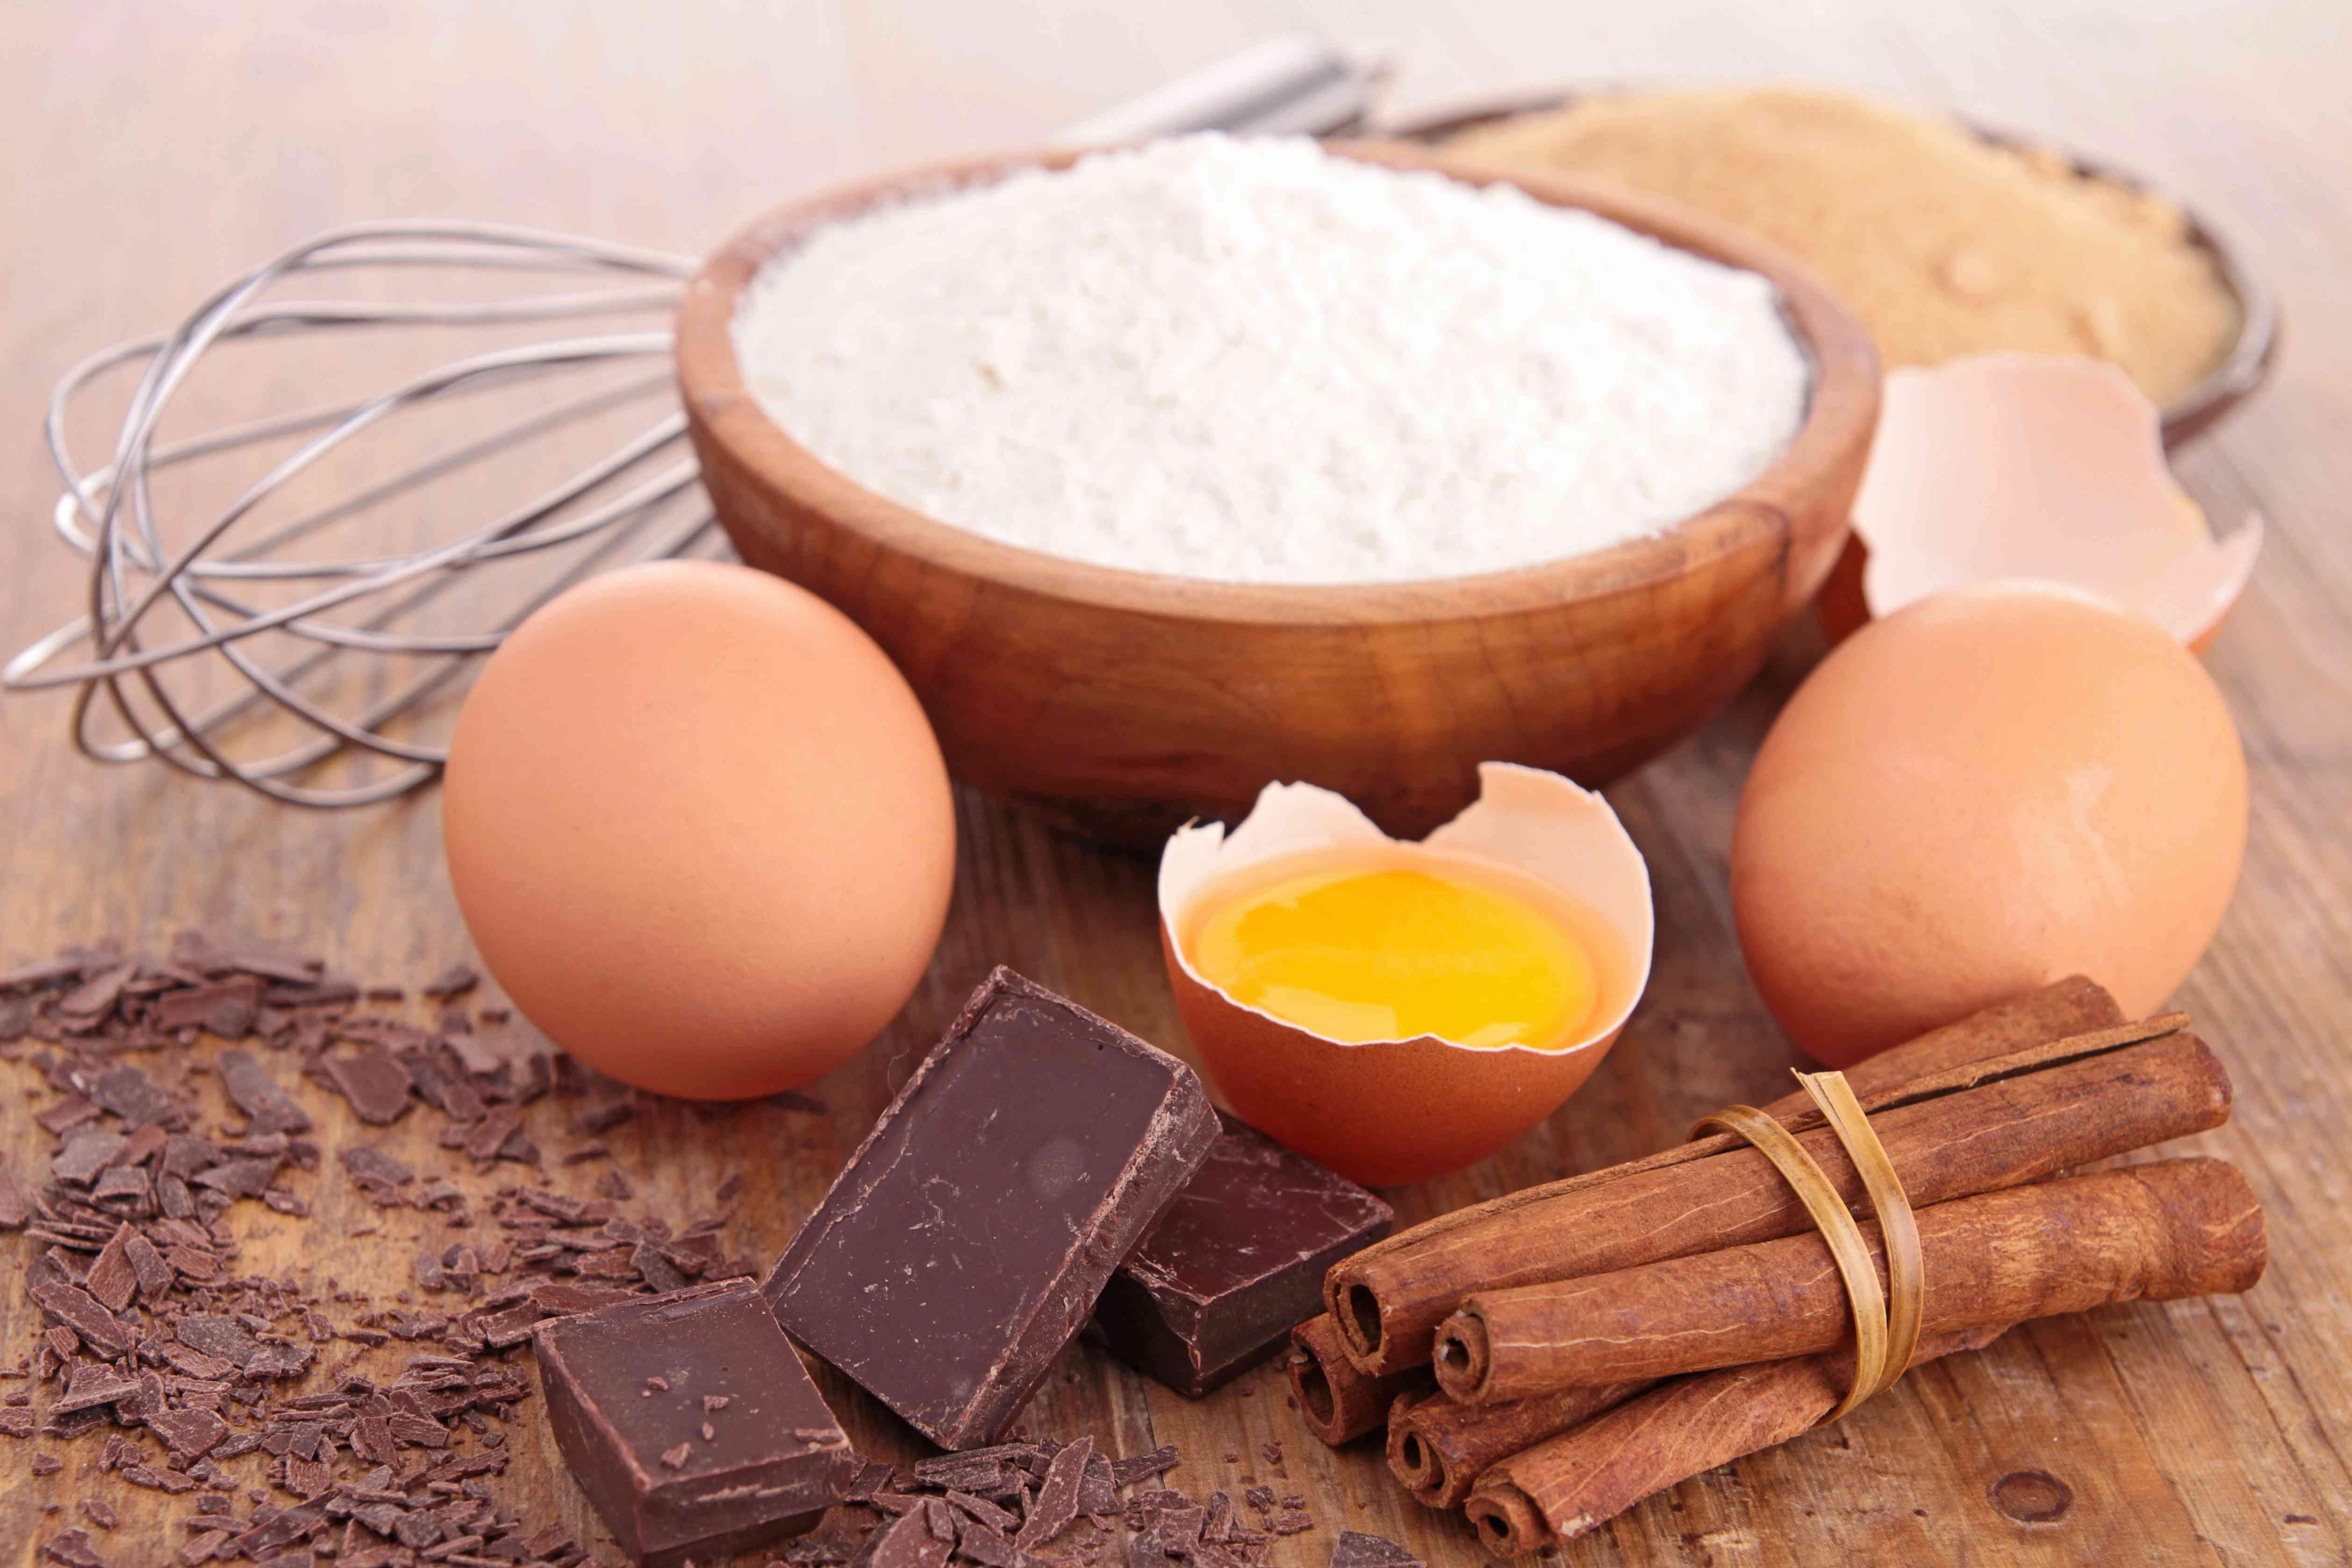 baking ingredients, stocking pantry